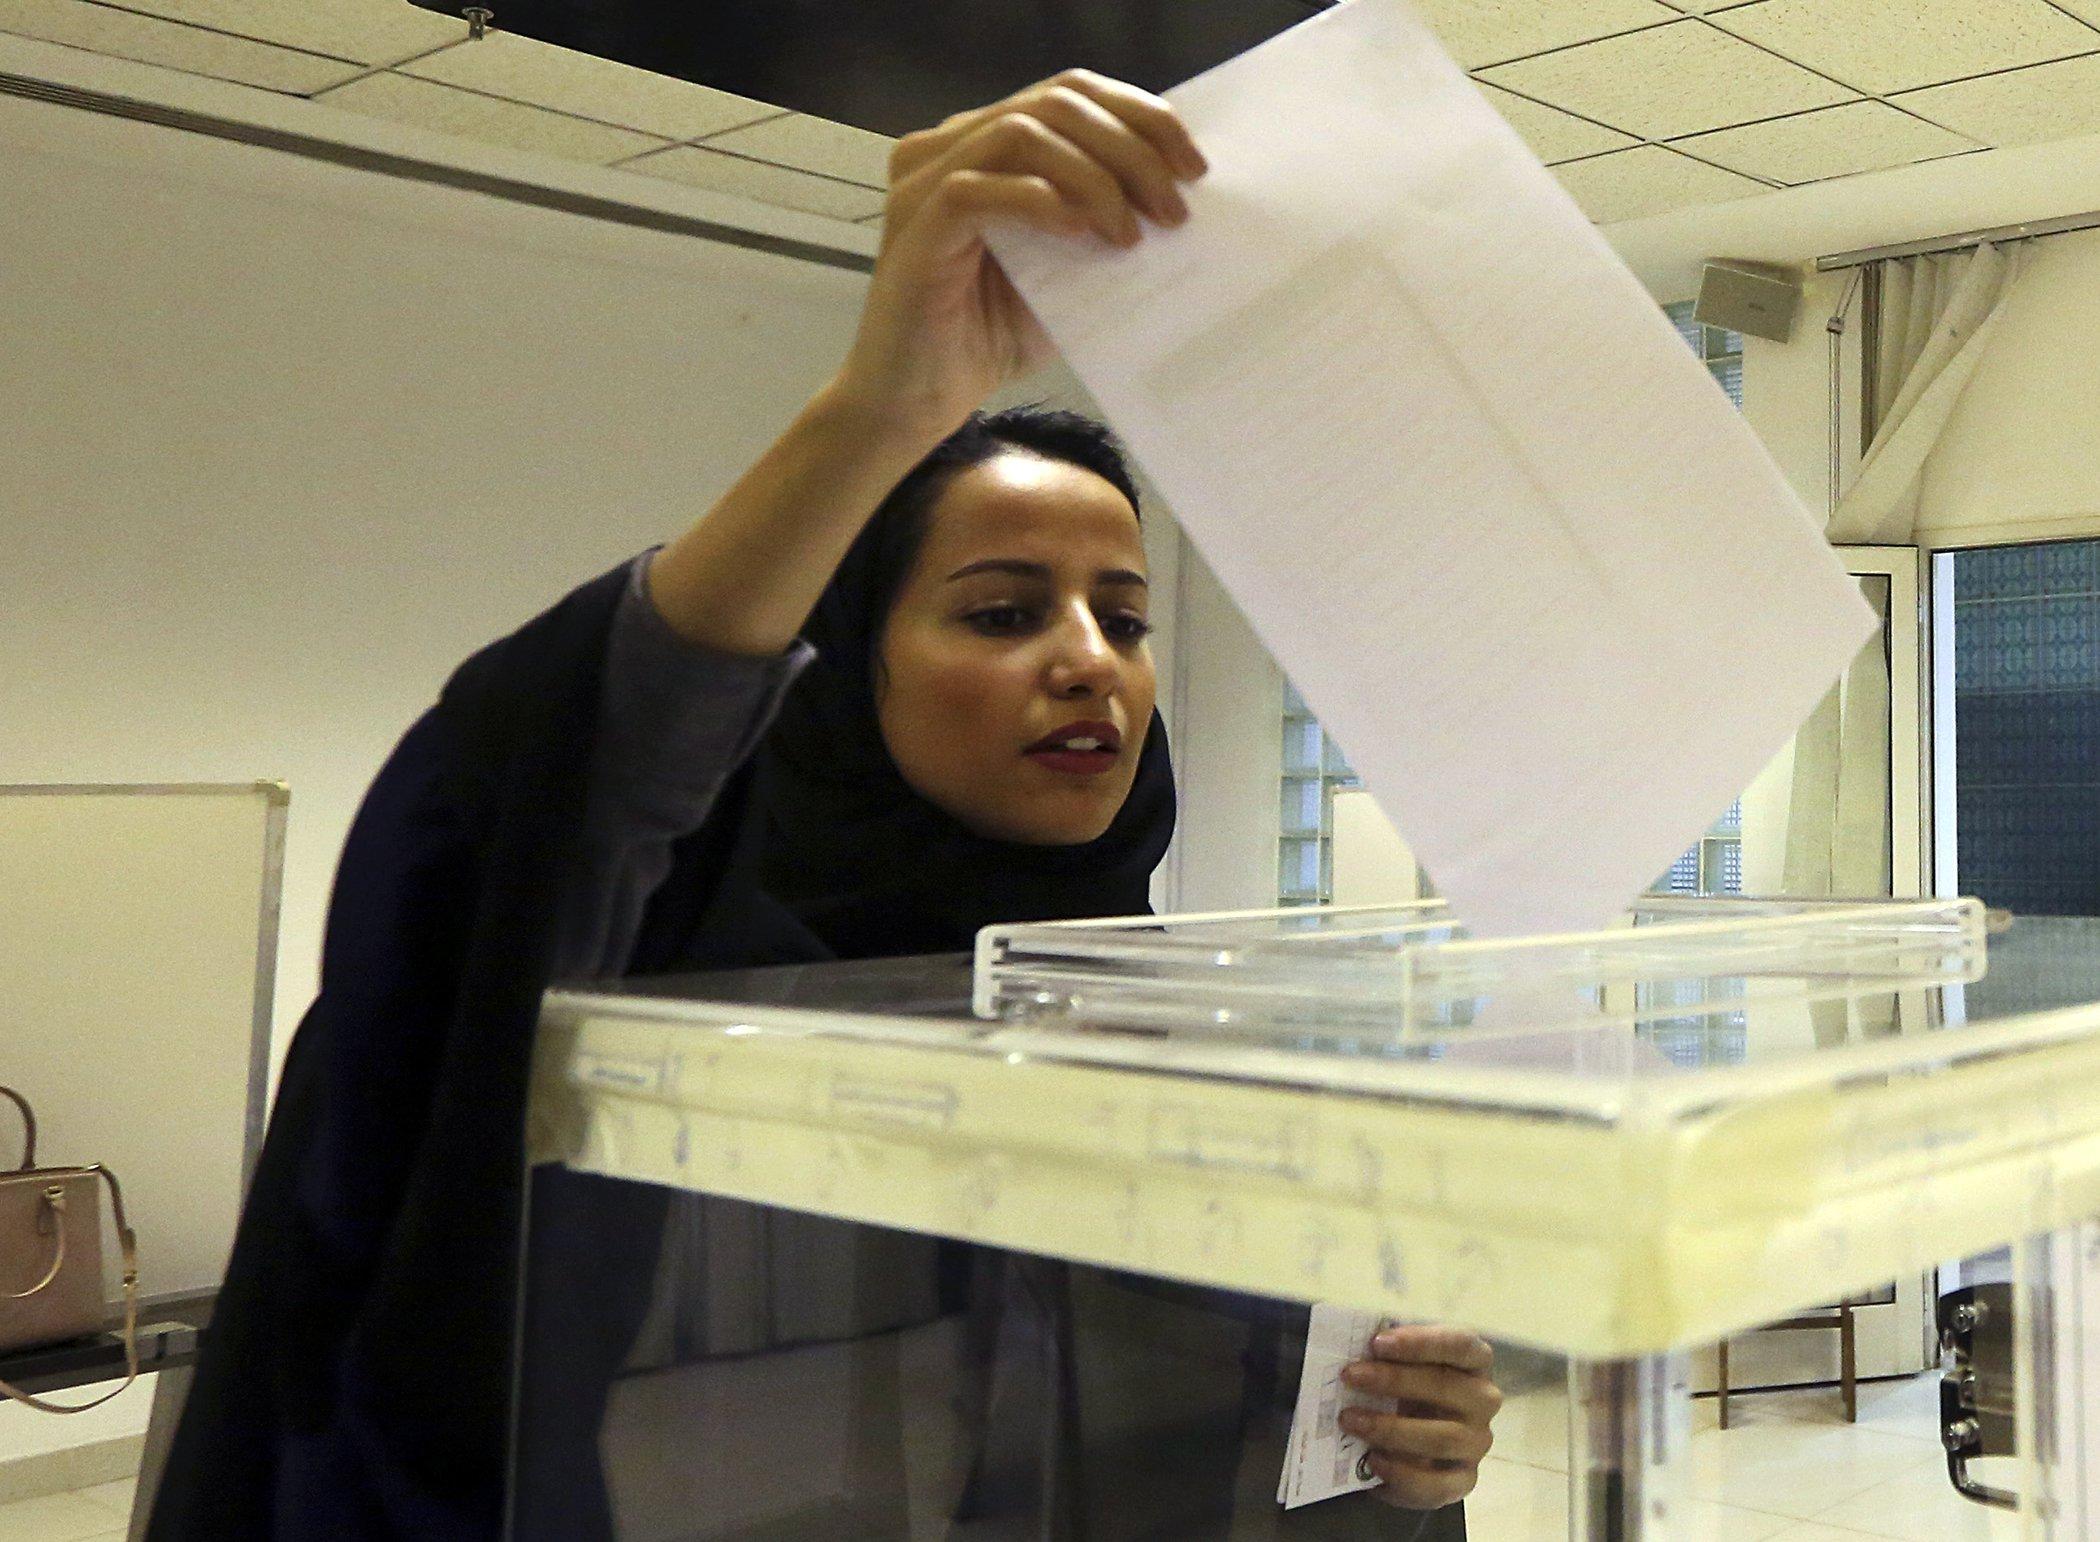 Voting-Around-The-World-Saudi-Arabia.jpg